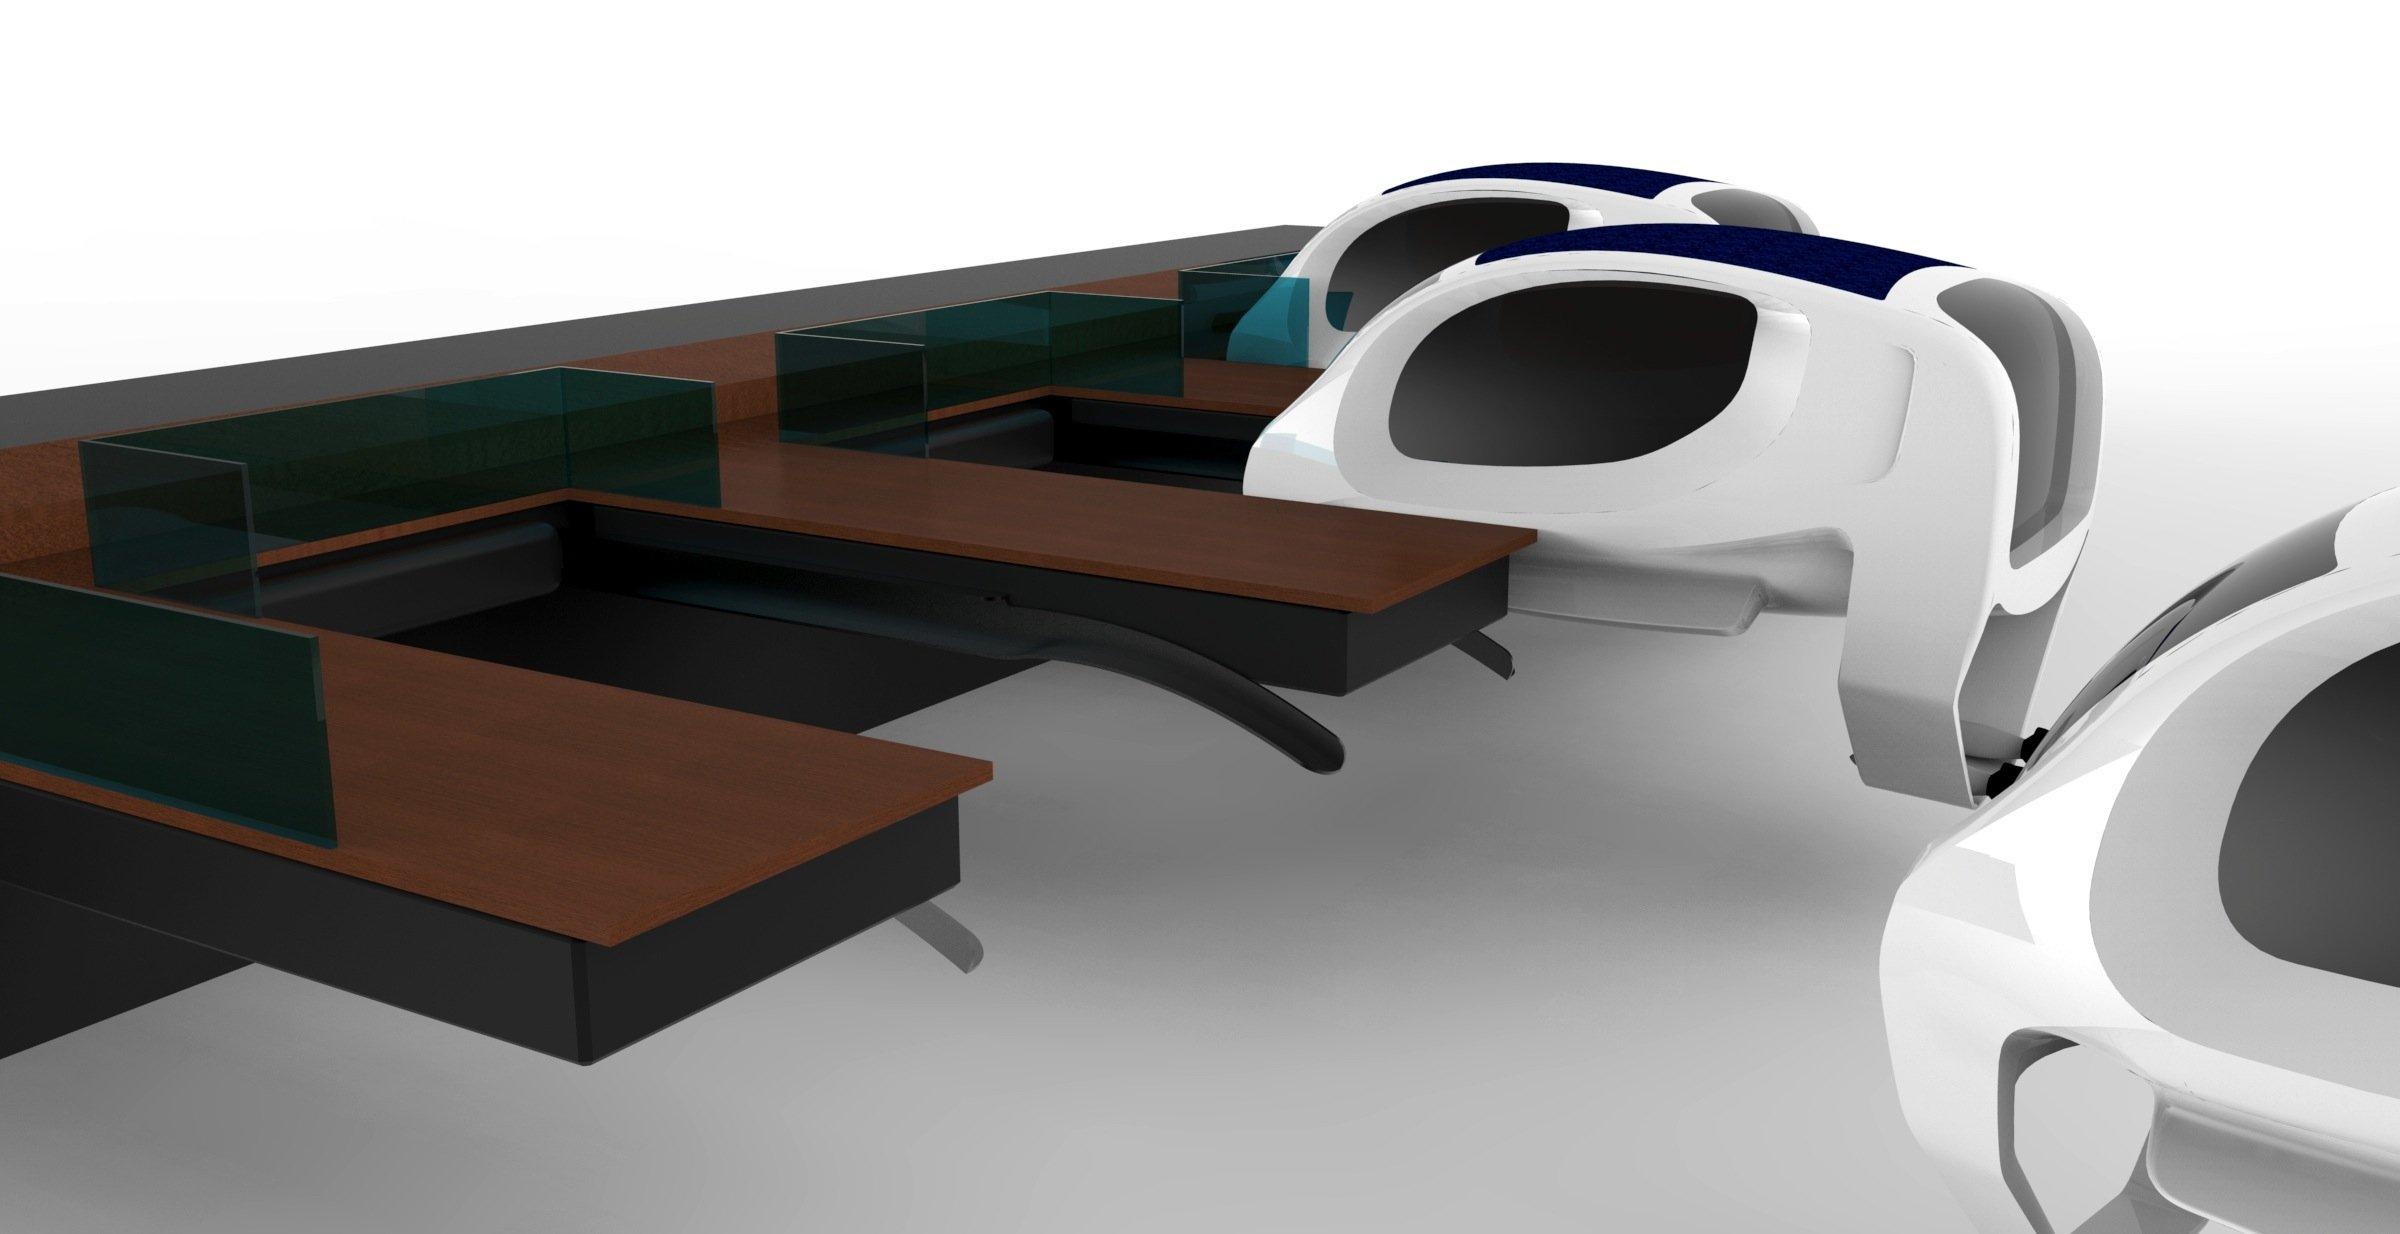 Die Wassertaxis haben Platz für vier Passagiere und sollen künftig autonom fahren.